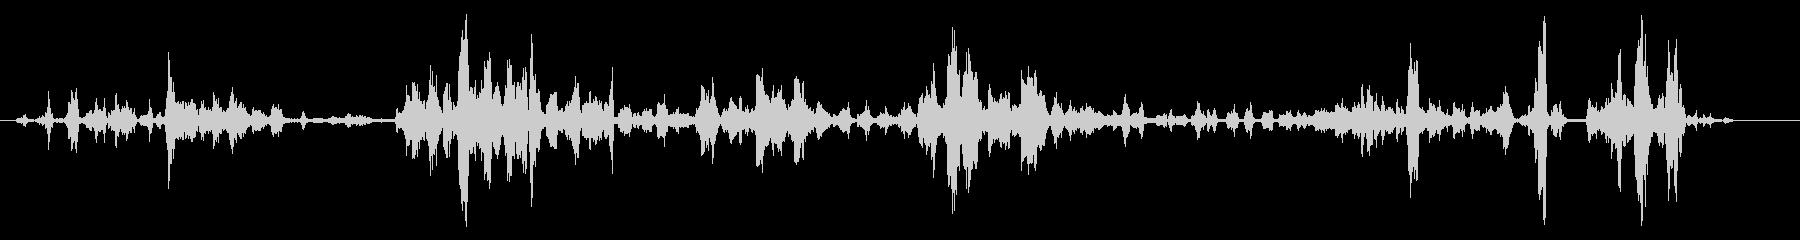 ブラックスウィフトの未再生の波形